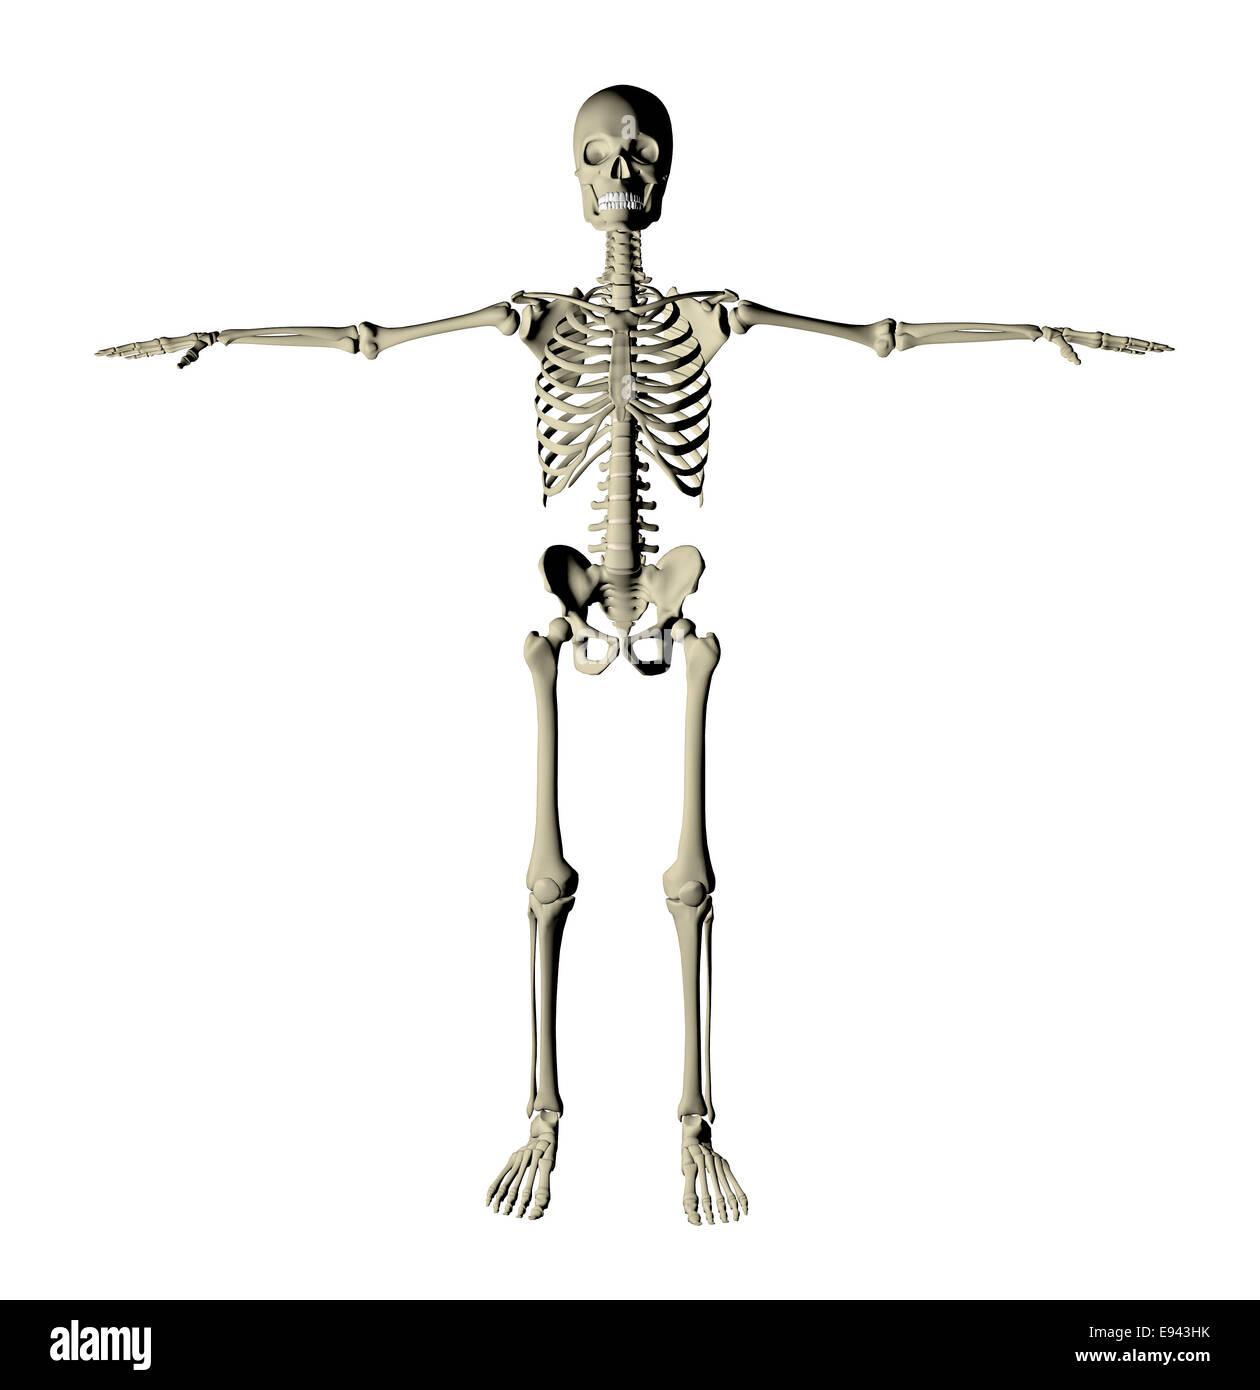 El esqueleto y los huesos de un cuerpo humano sobre un fondo blanco ...